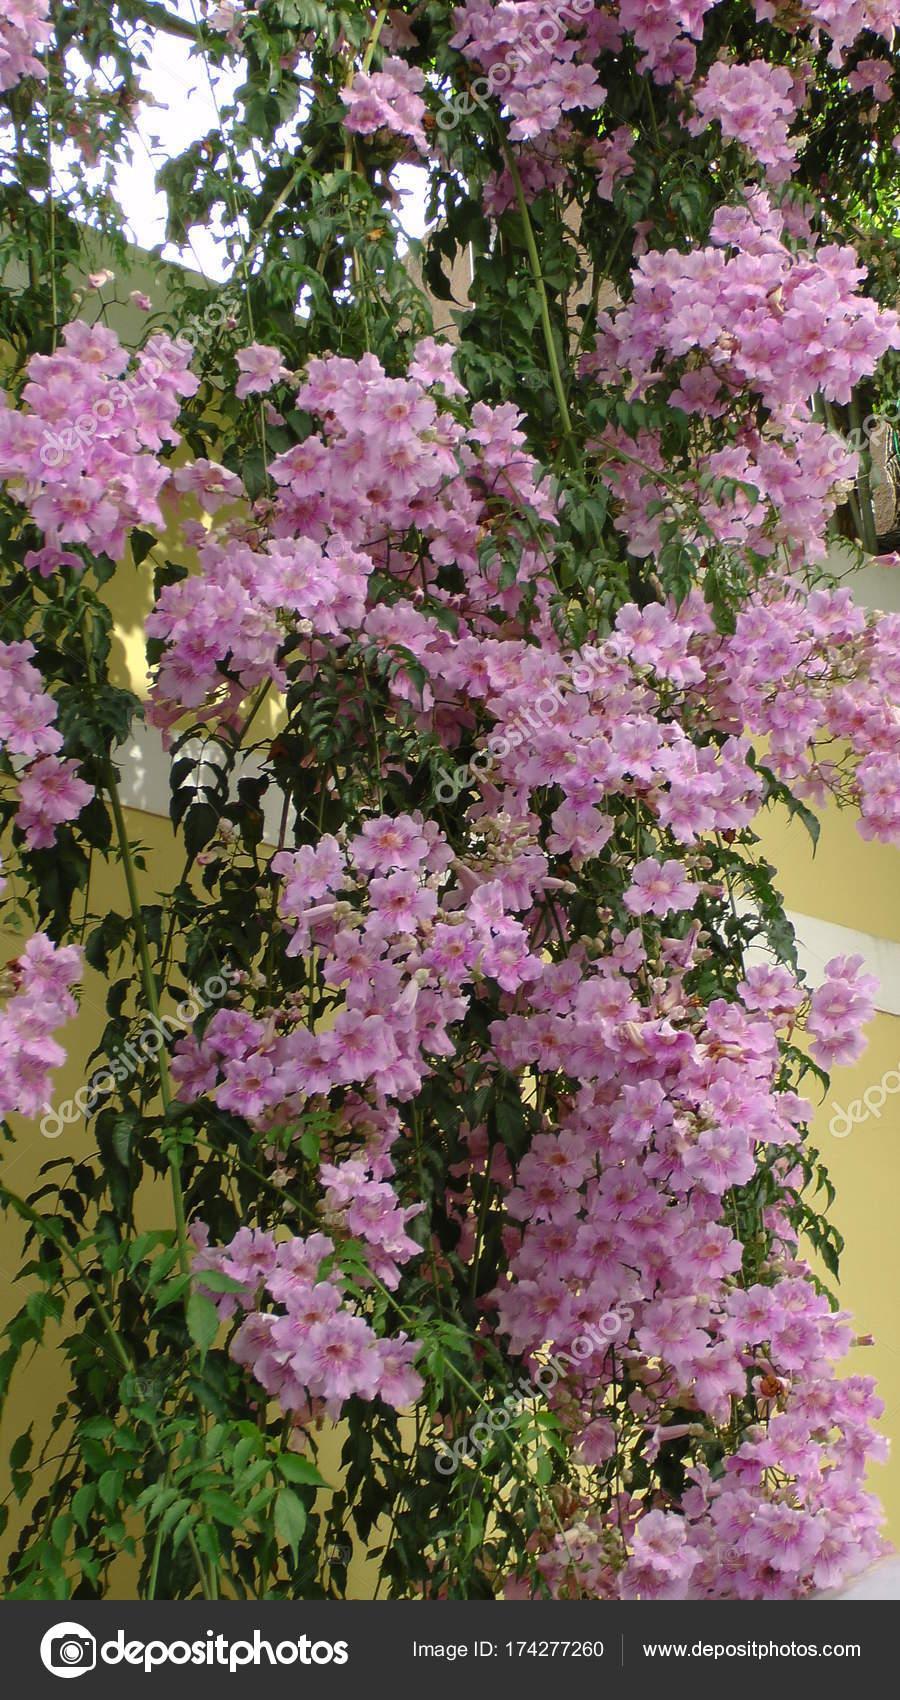 Trompet çiçek Güzel çiçekler Ile Stok Foto Schwerin 174277260